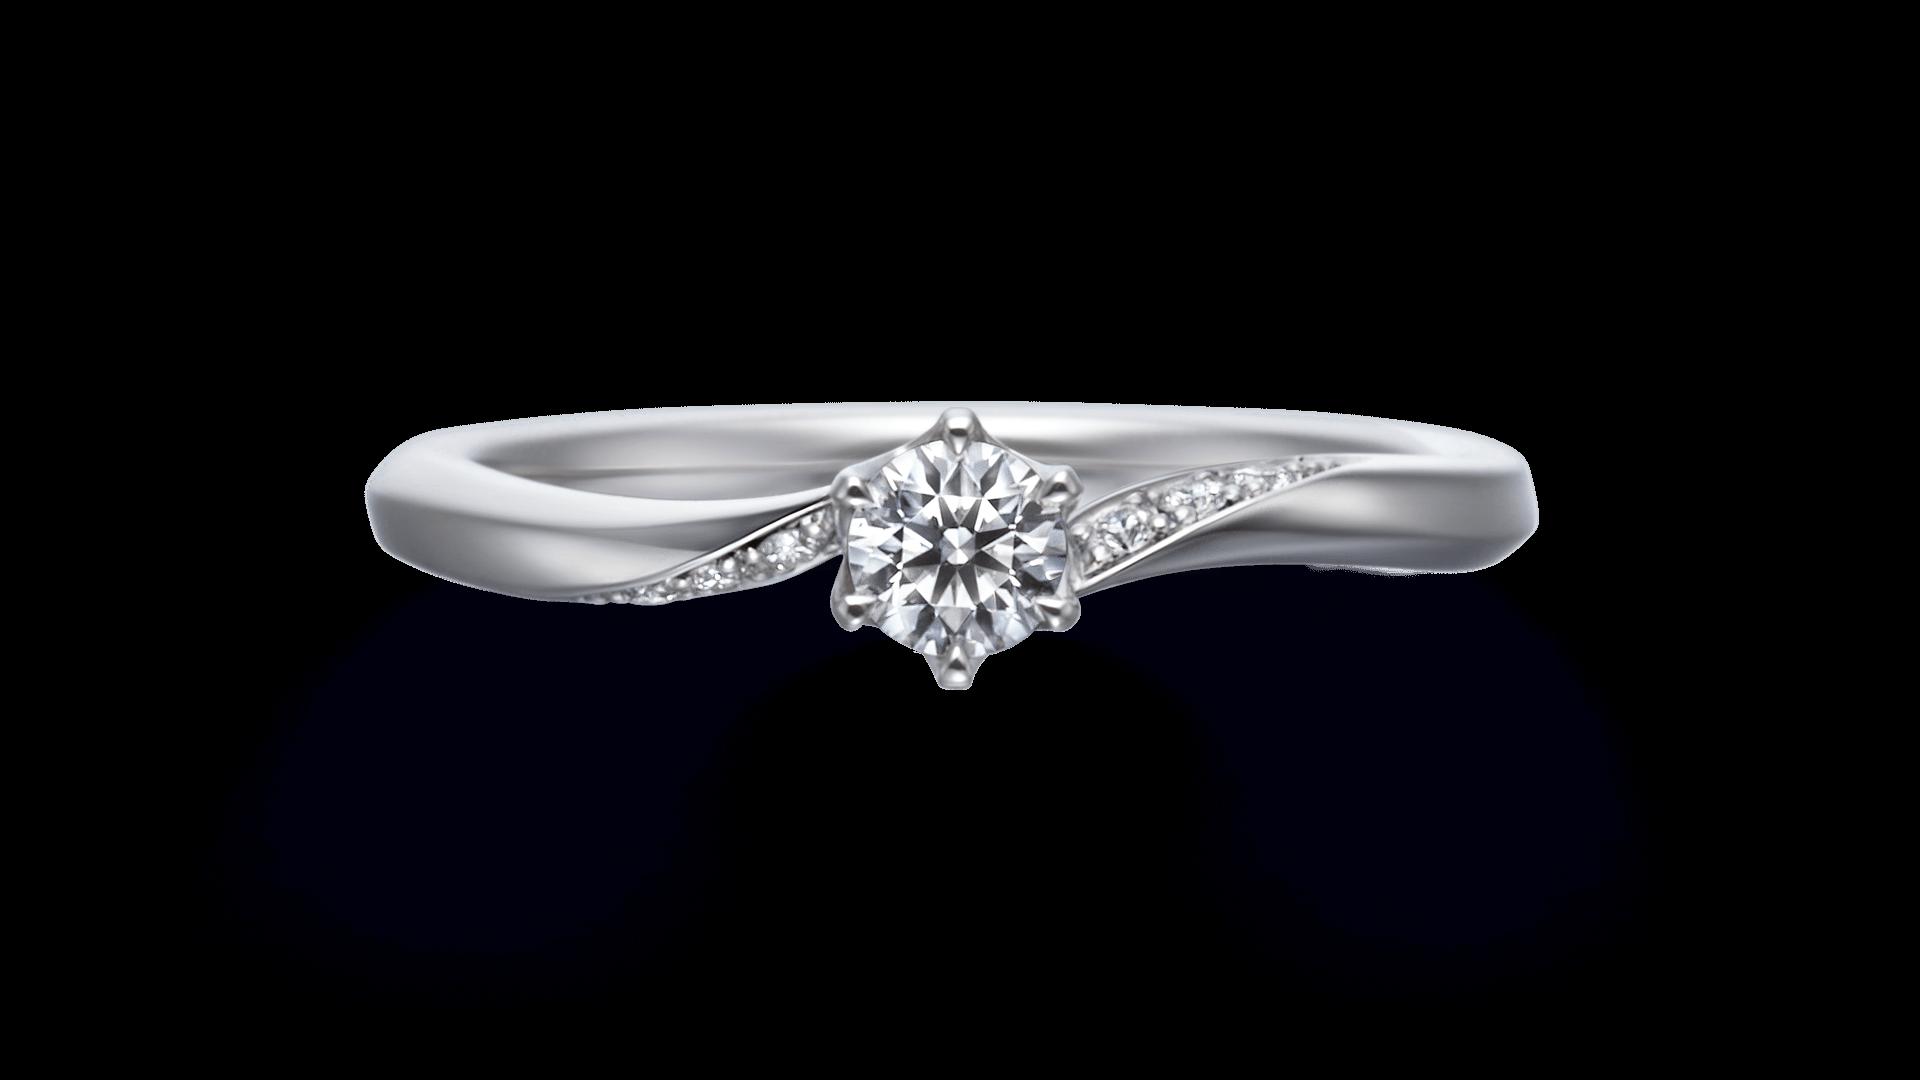 flanery フラネリー | 婚約指輪サムネイル 1